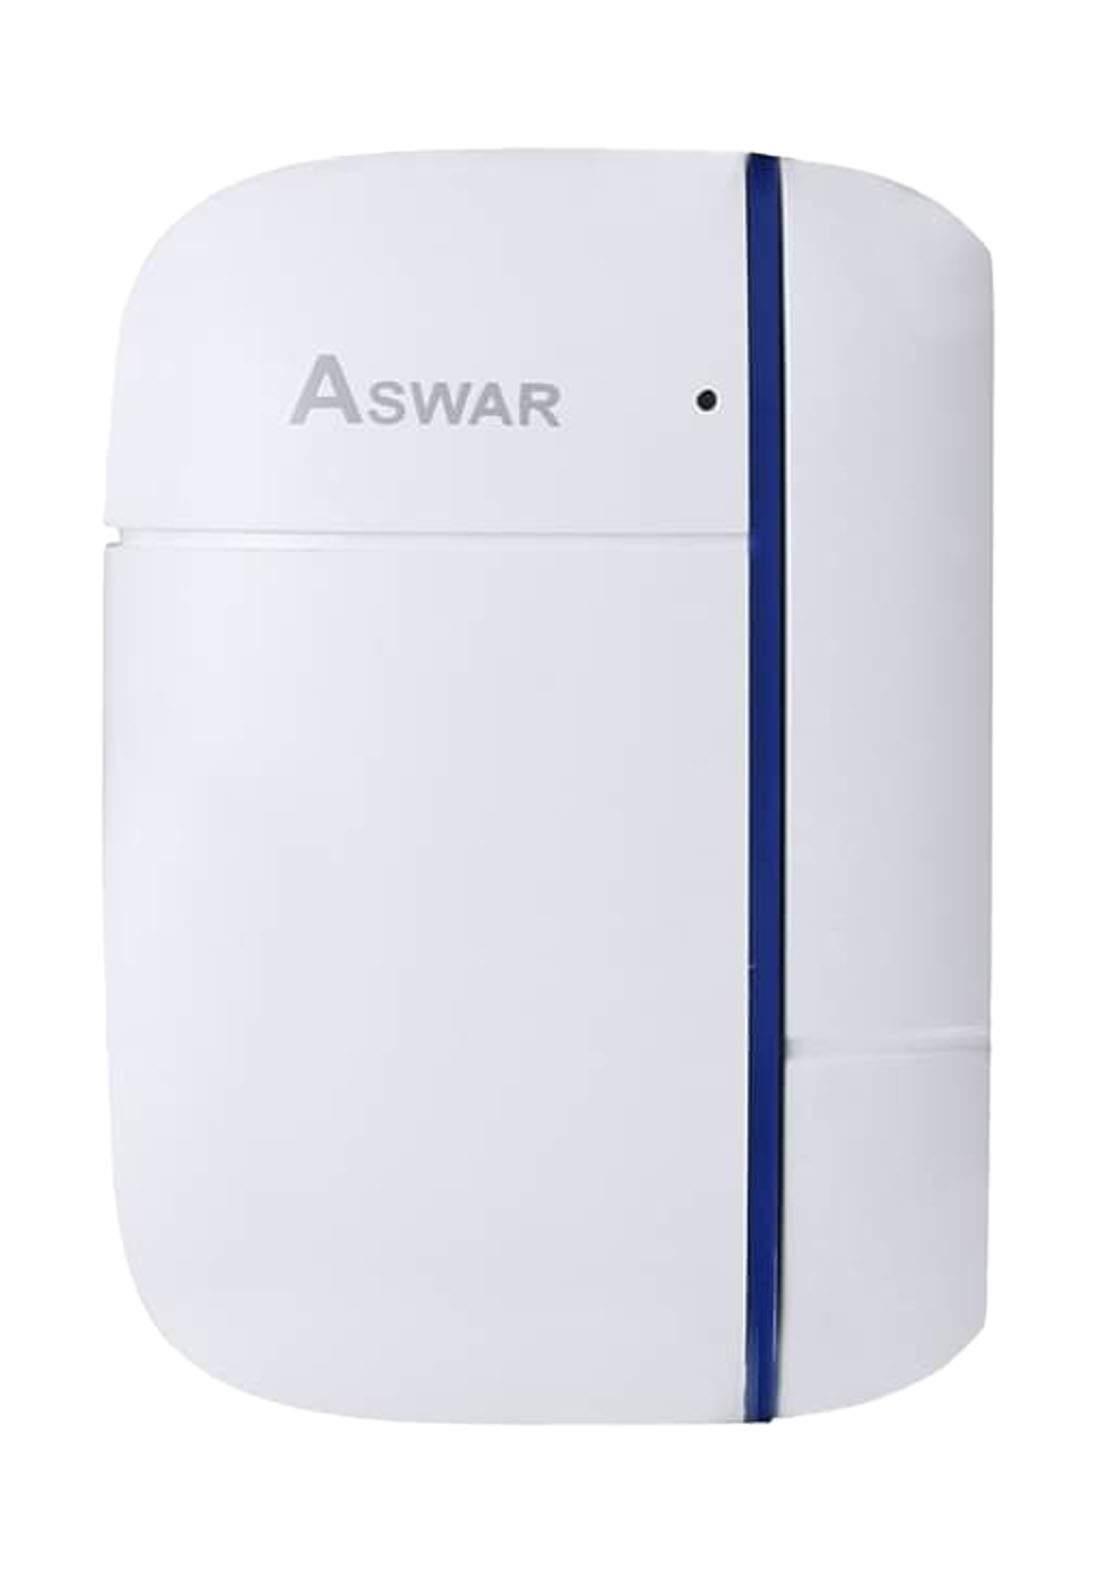 Aswar AS-HSS2-DS Door and Window Magnetic Sensor - White مستشعر مغناطيسي للابواب والنوافذ